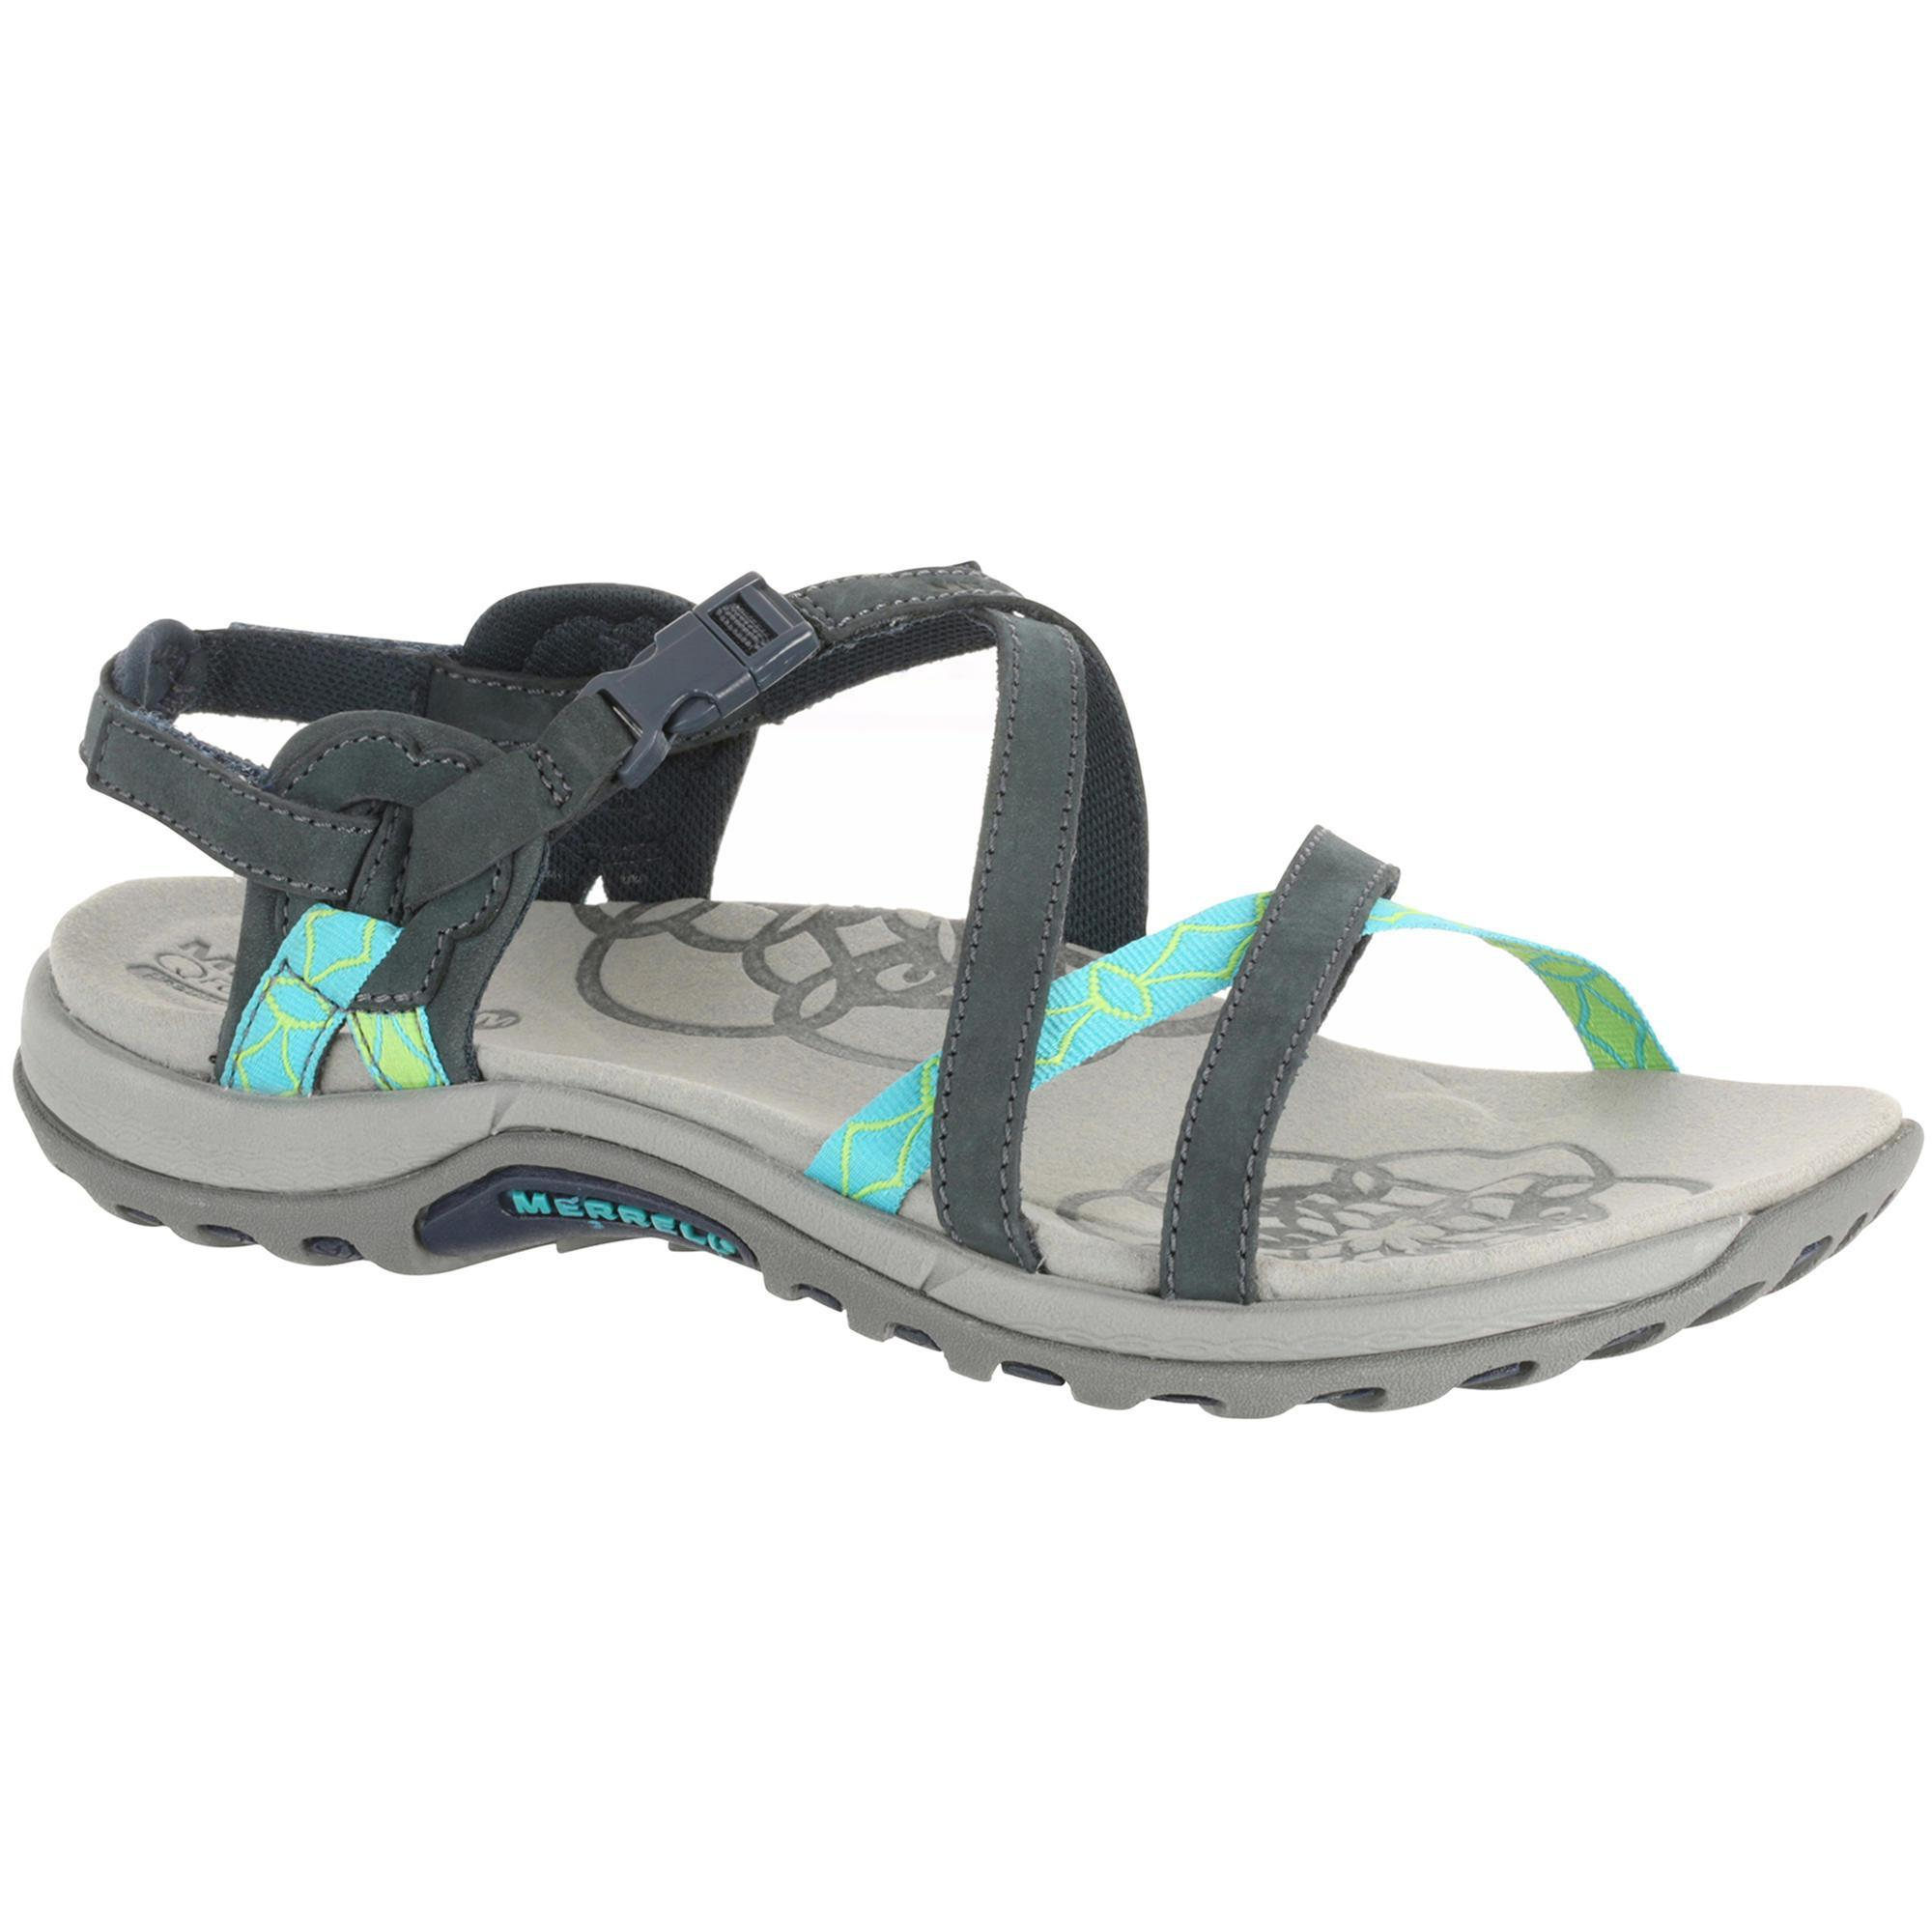 venta al por mayor mejor online comprar lujo Comprar Sandalias de Trekking y Senderismo online | Decathlon